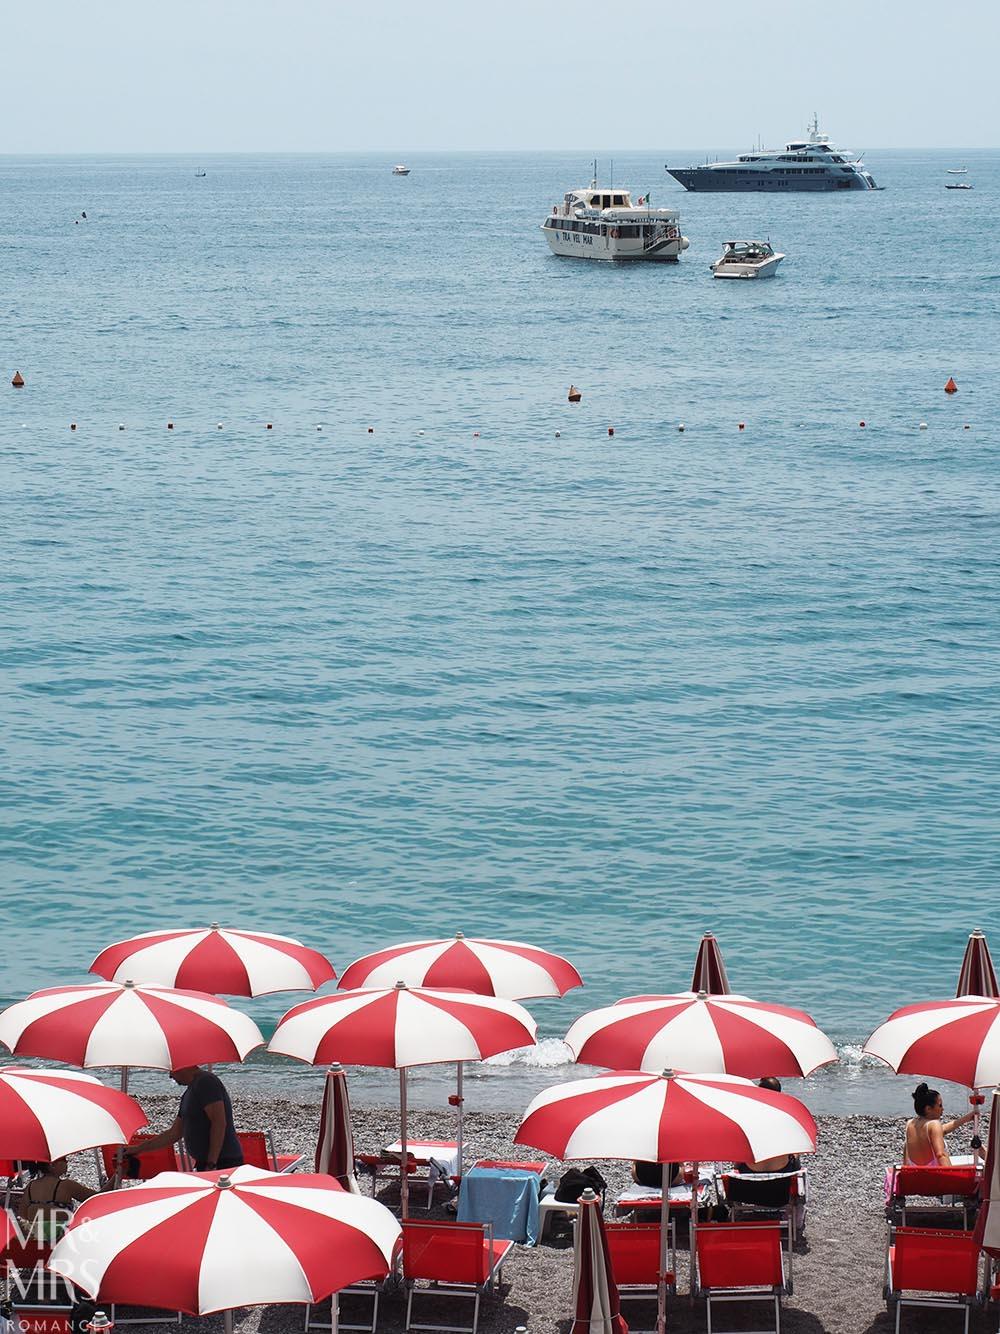 Red umbrellas and boats Amalfi Coast